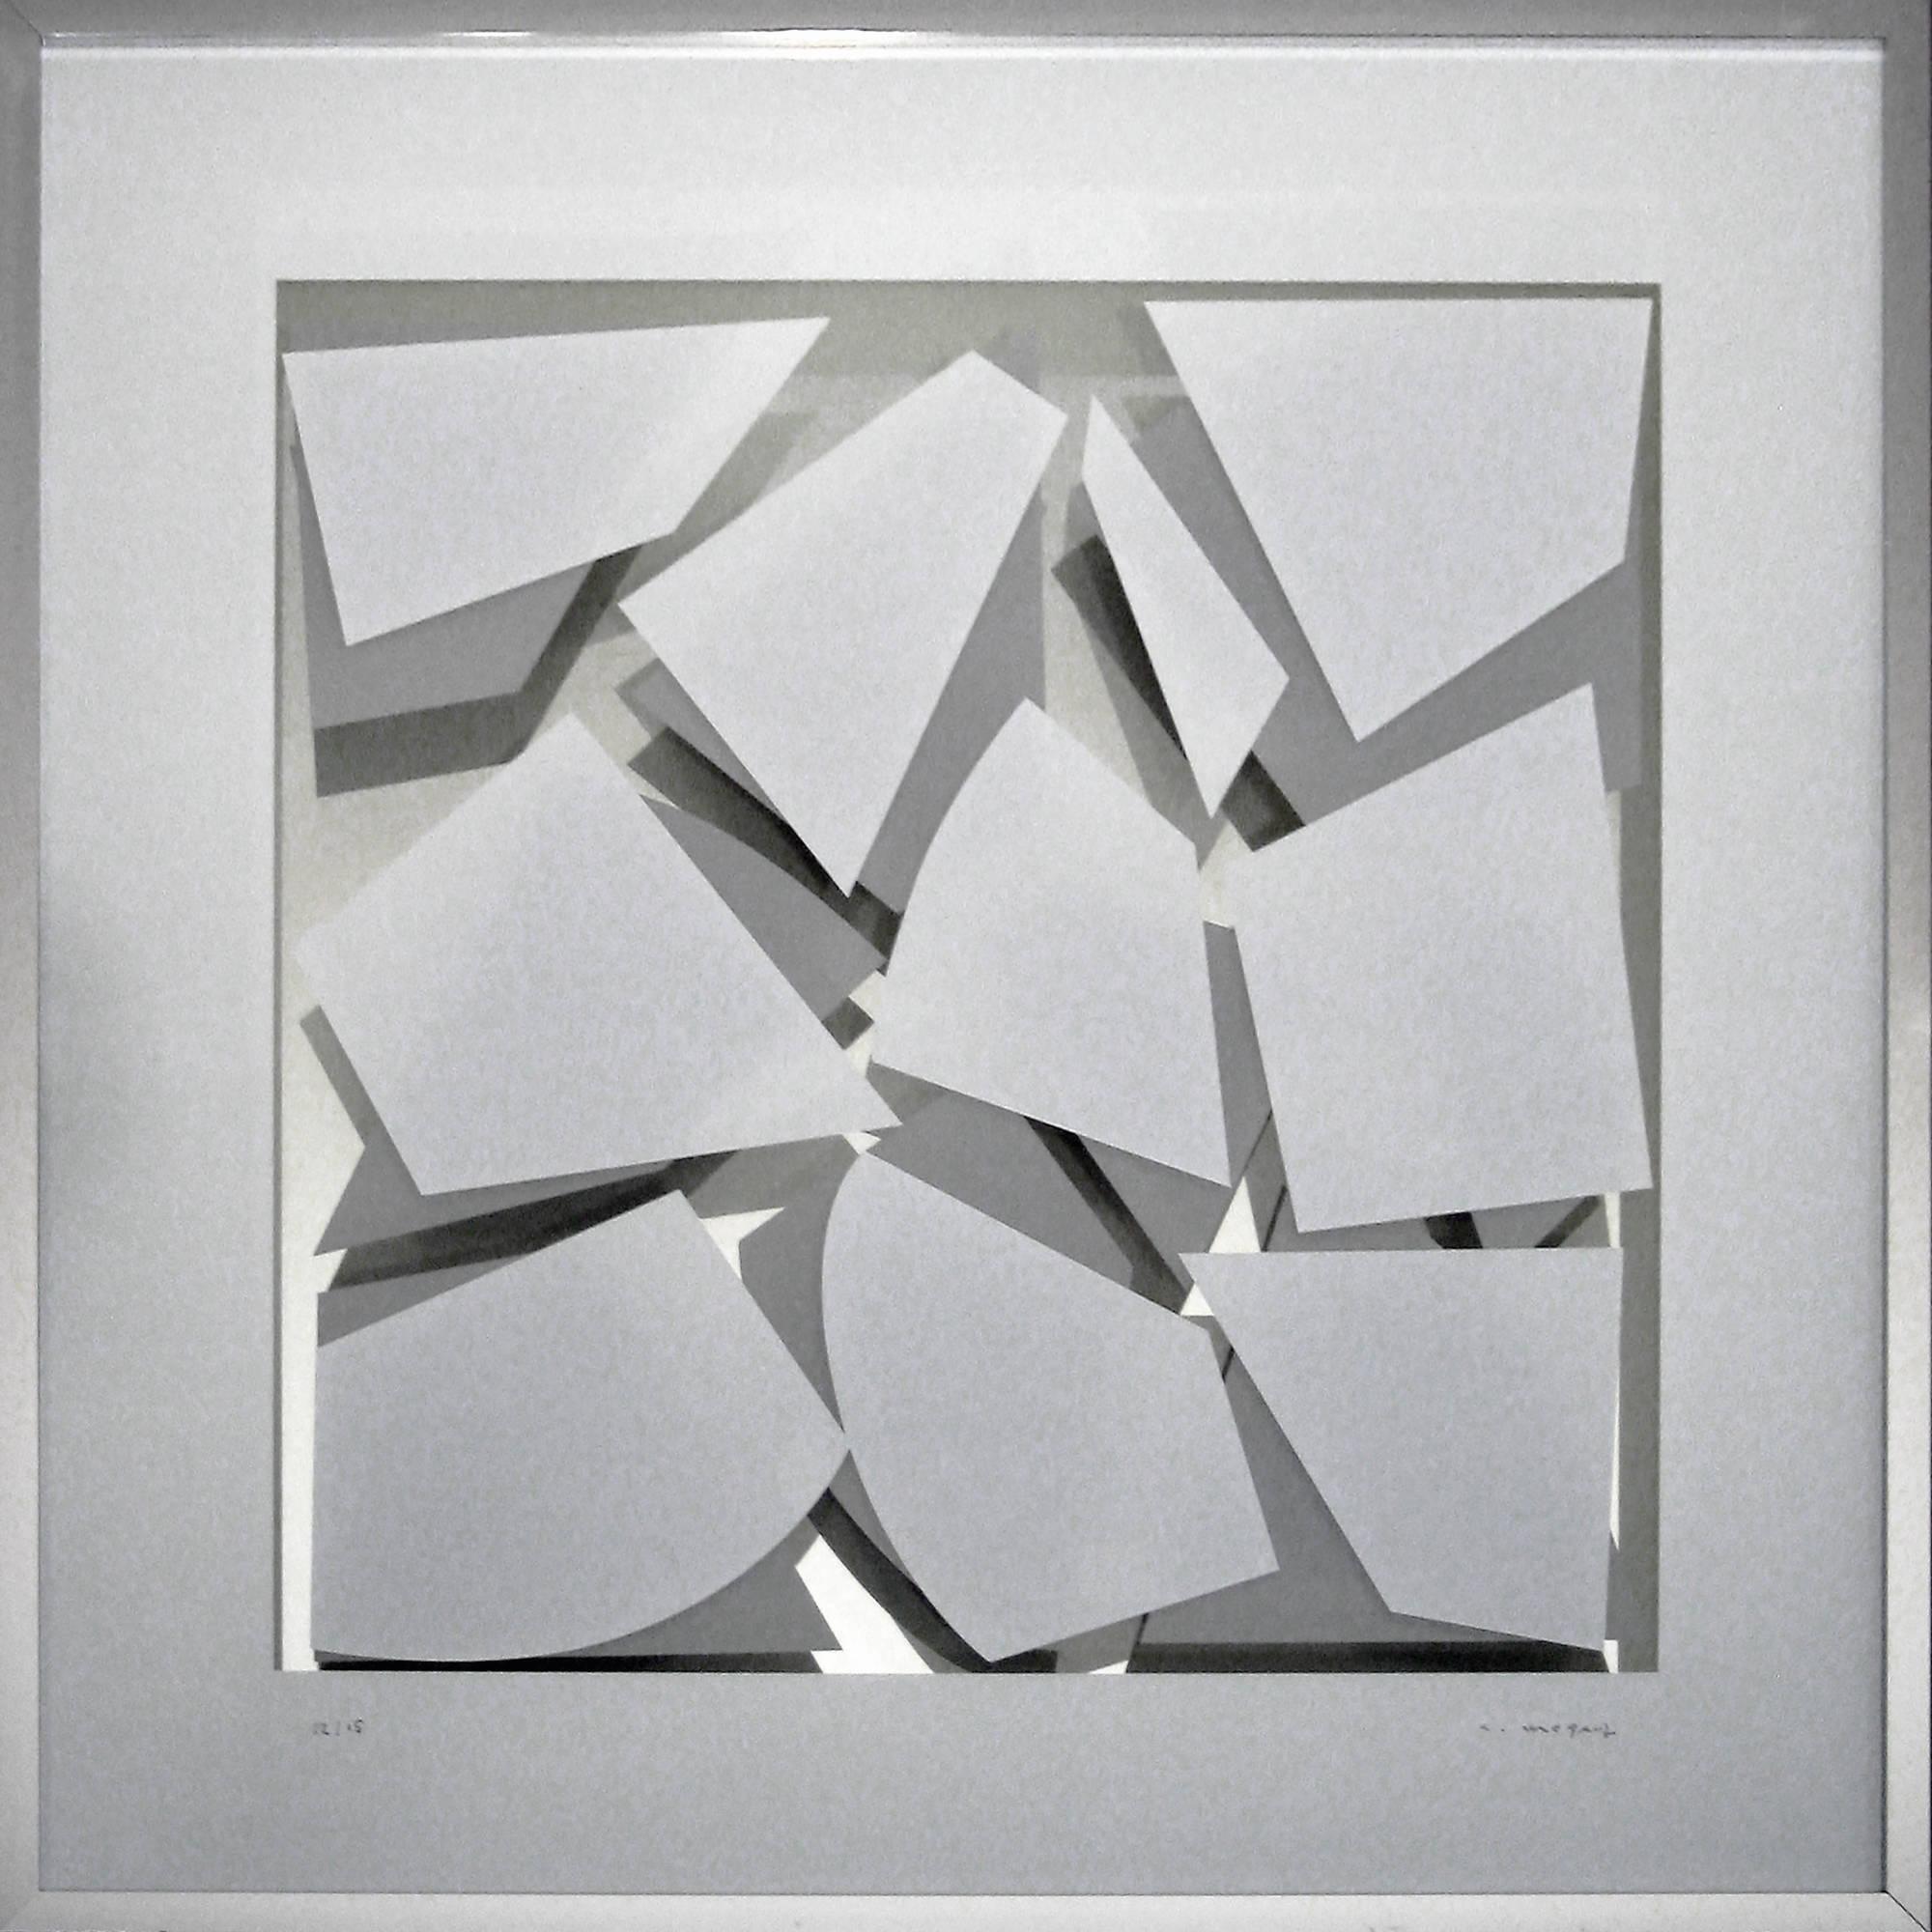 Weiß-Grau Spiegel im Quadrat 1